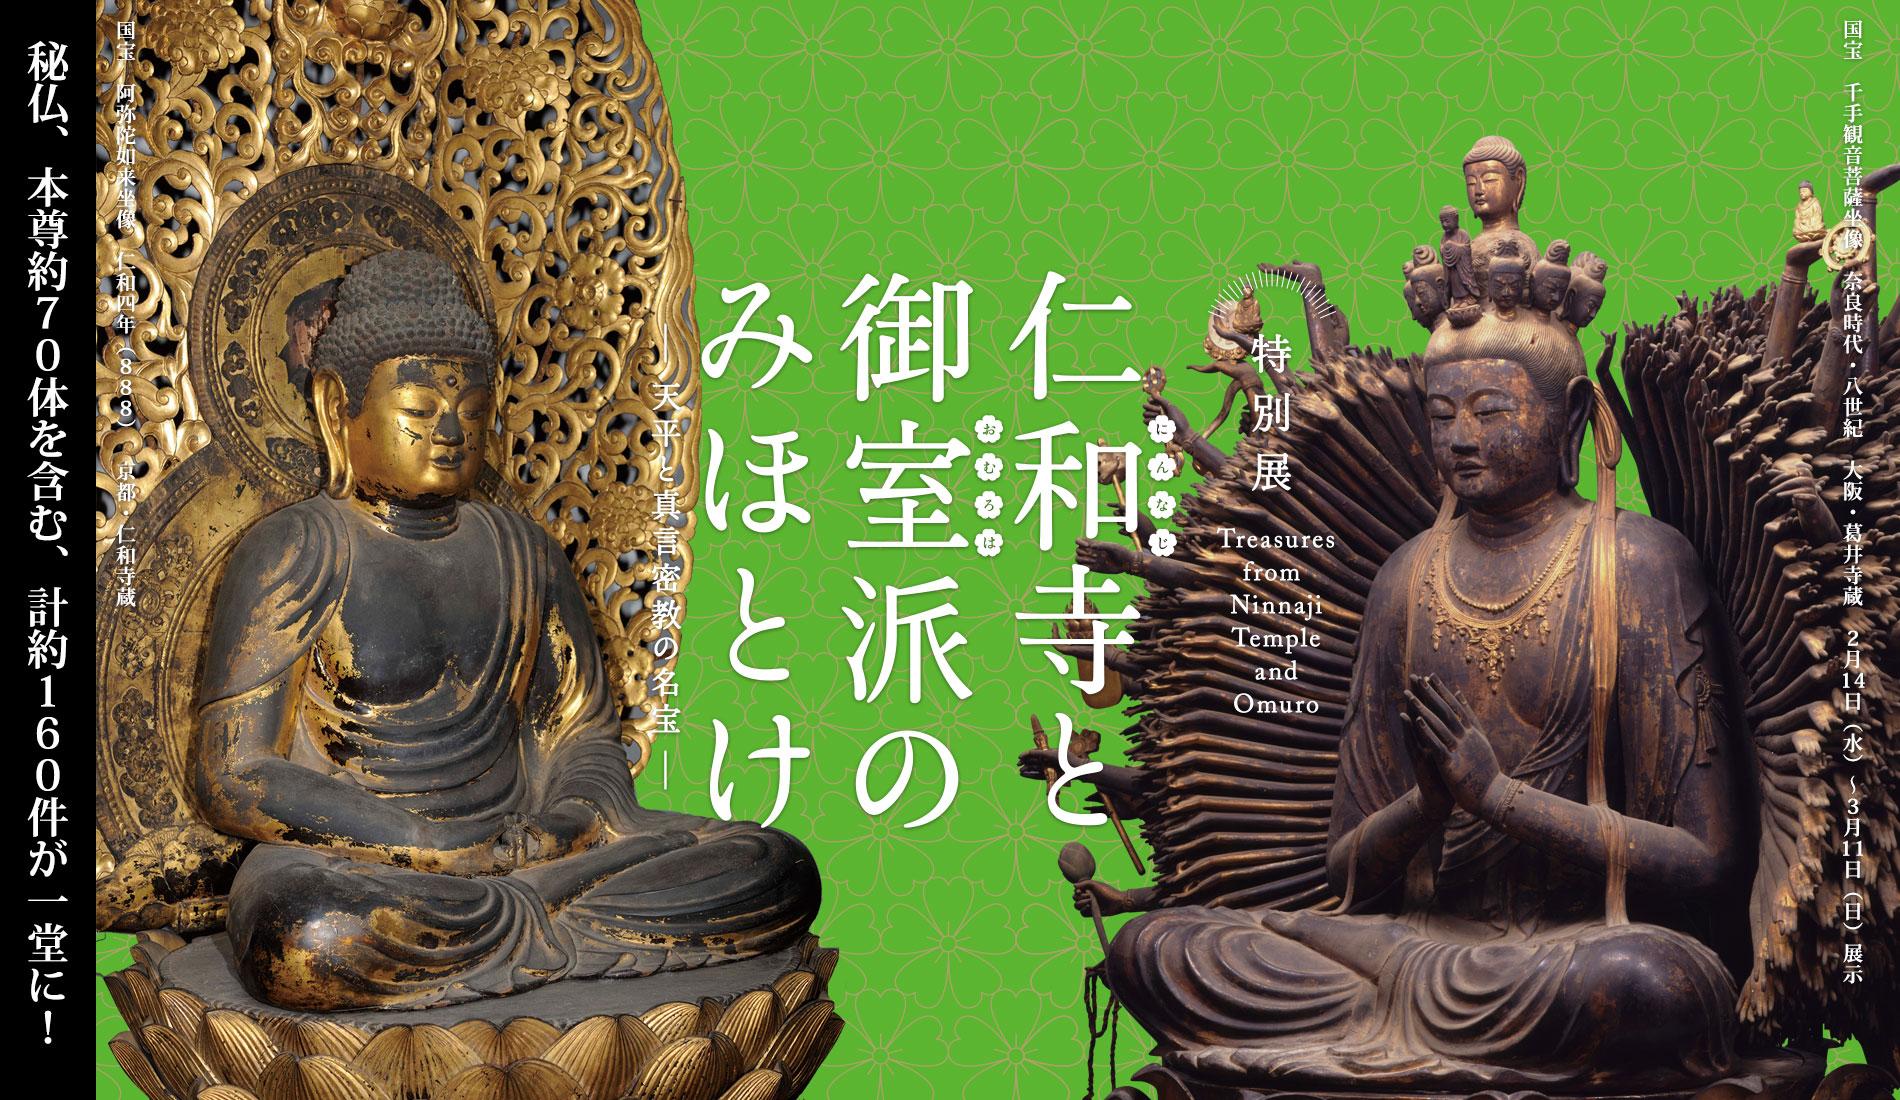 特別展「仁和寺と御室派のみほとけ ― 天平と真言密教の名宝 ―」